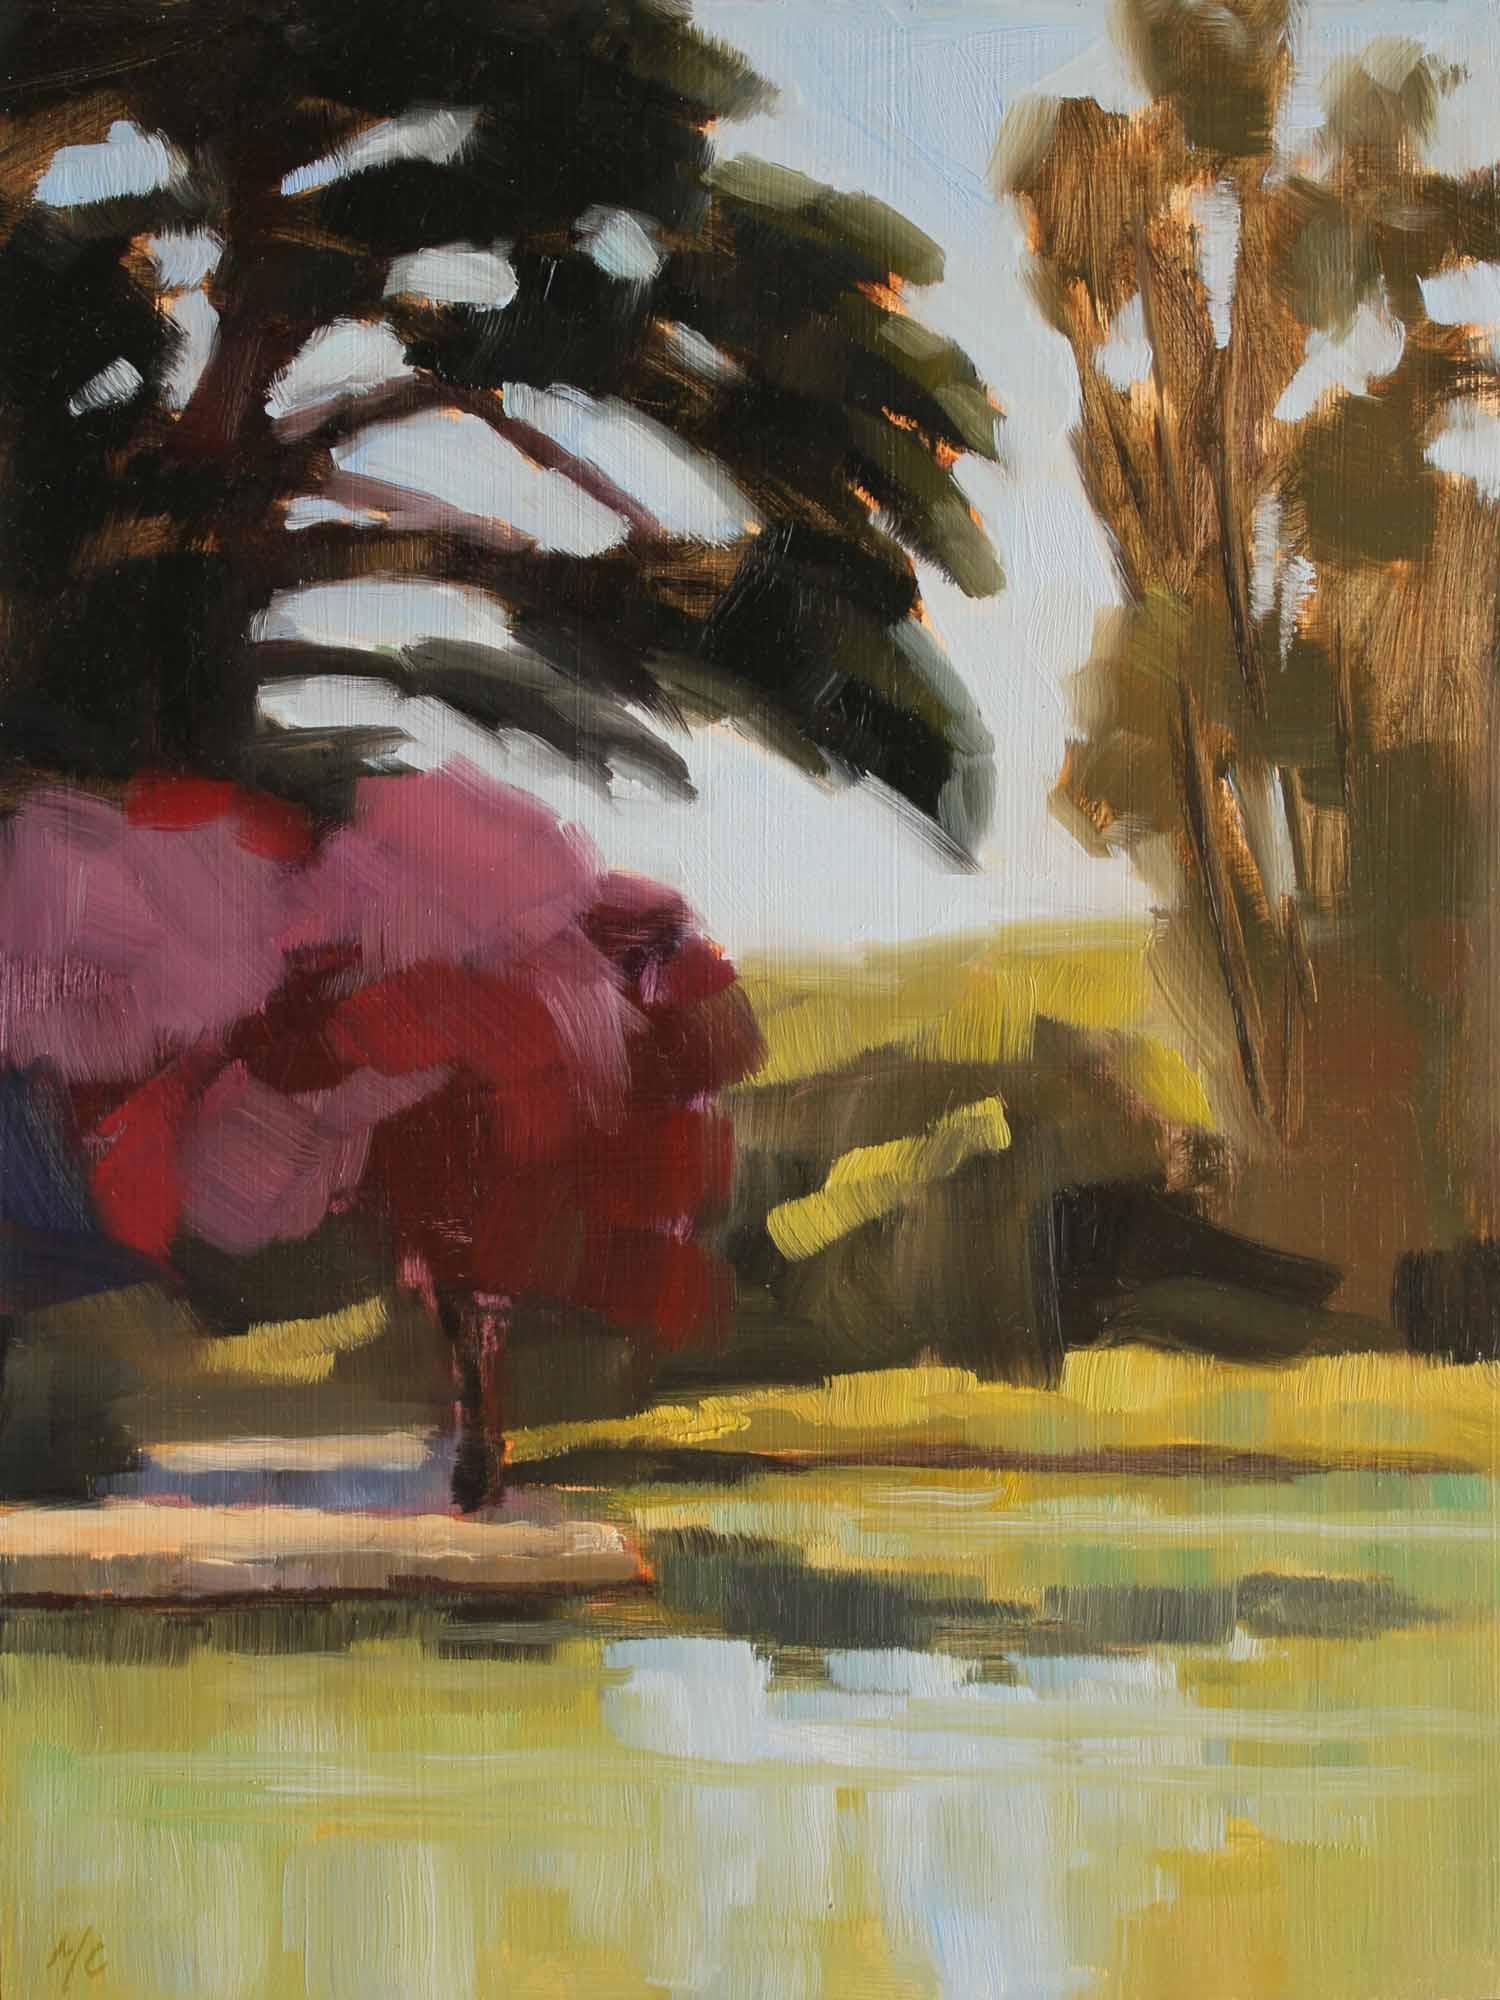 Spring Morning, Stow Lake